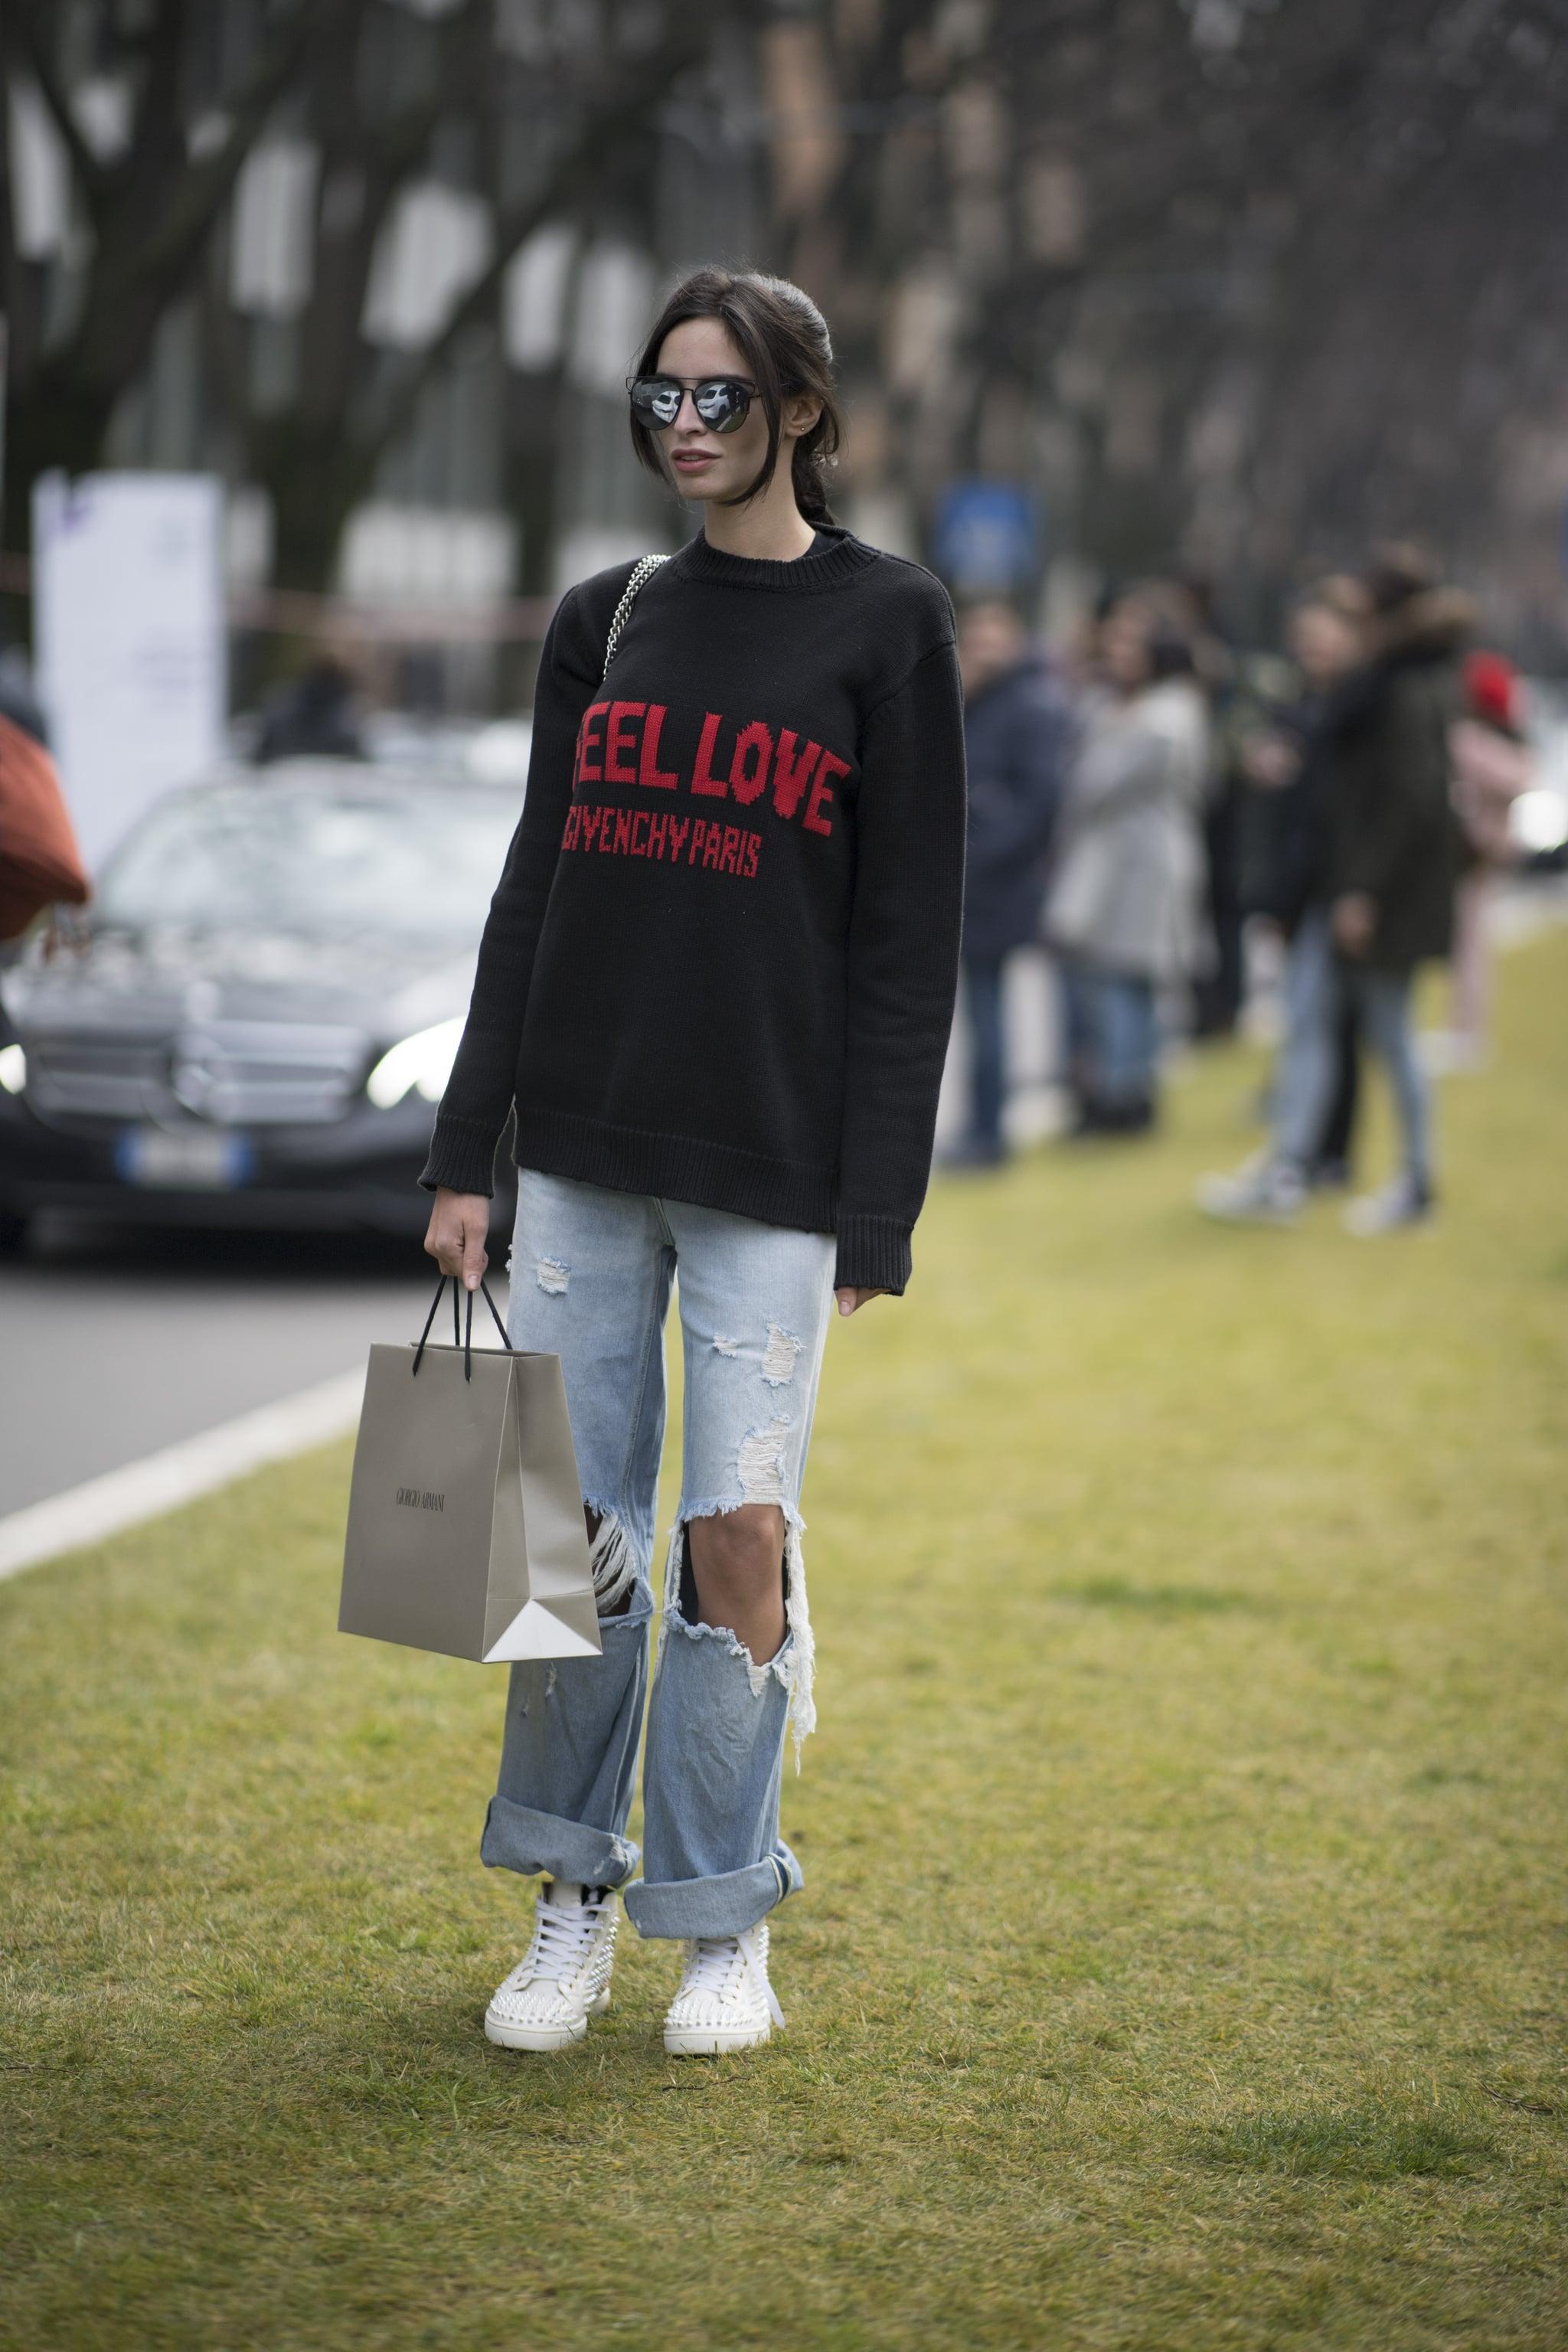 air jordan 1 girl outfit